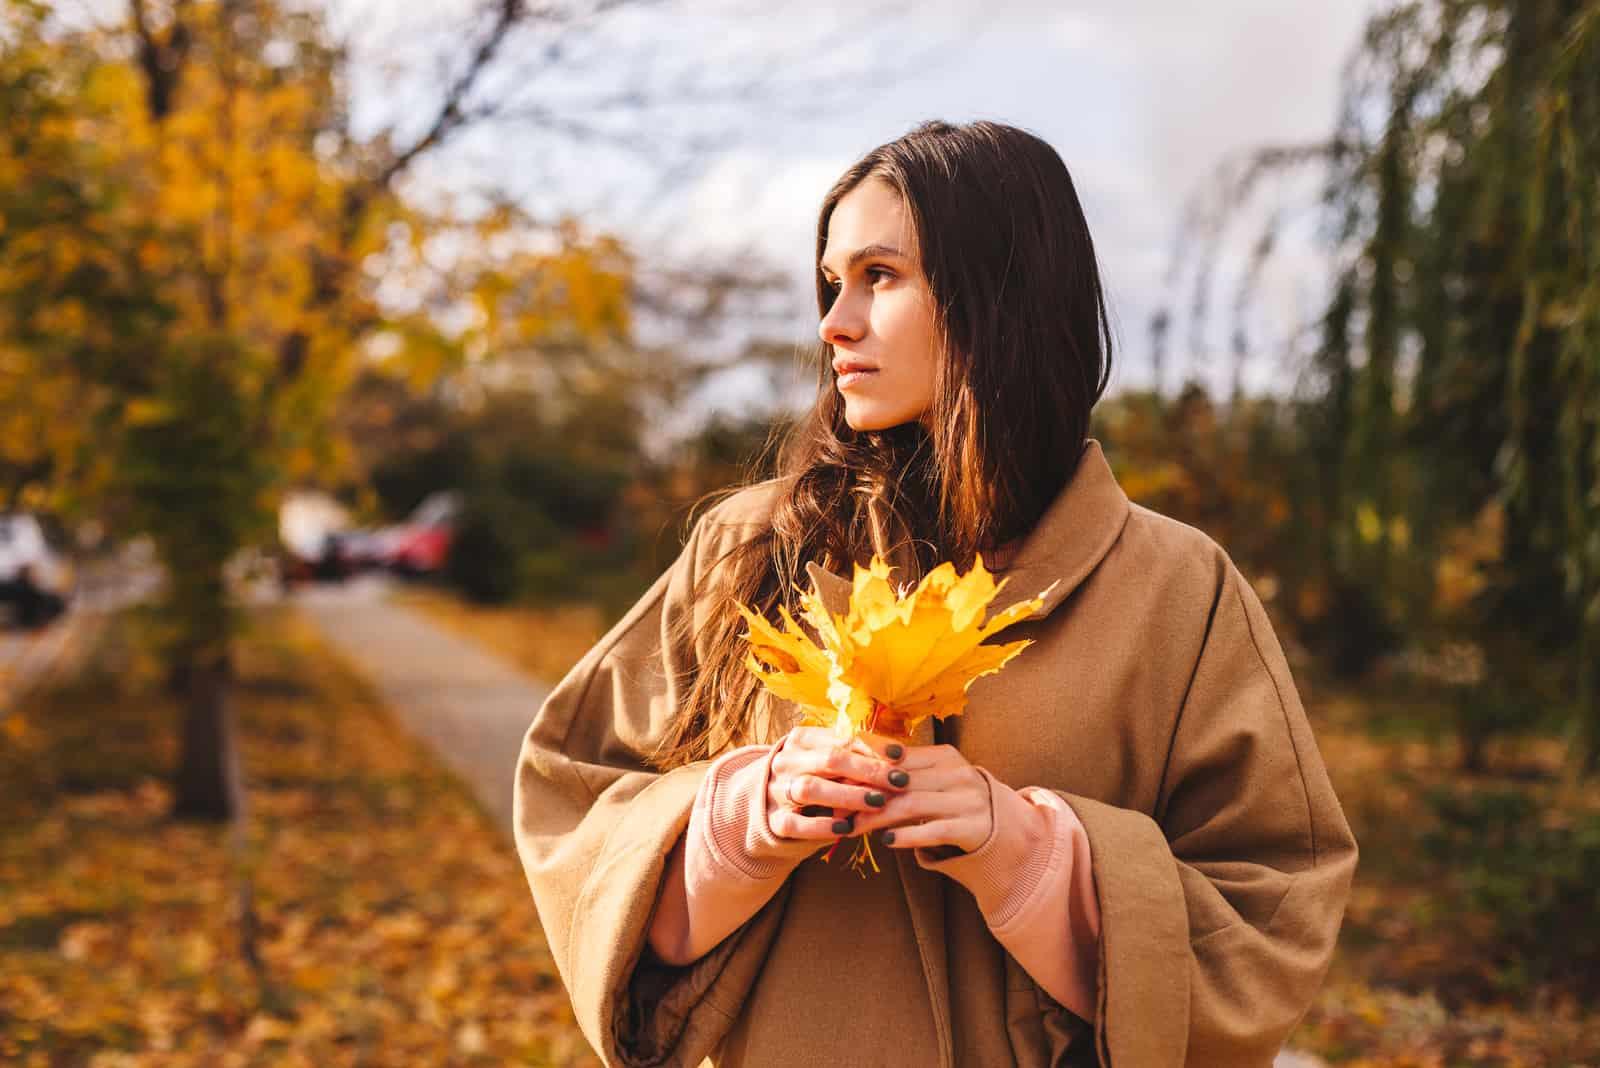 la femme se tient avec une feuille à la main